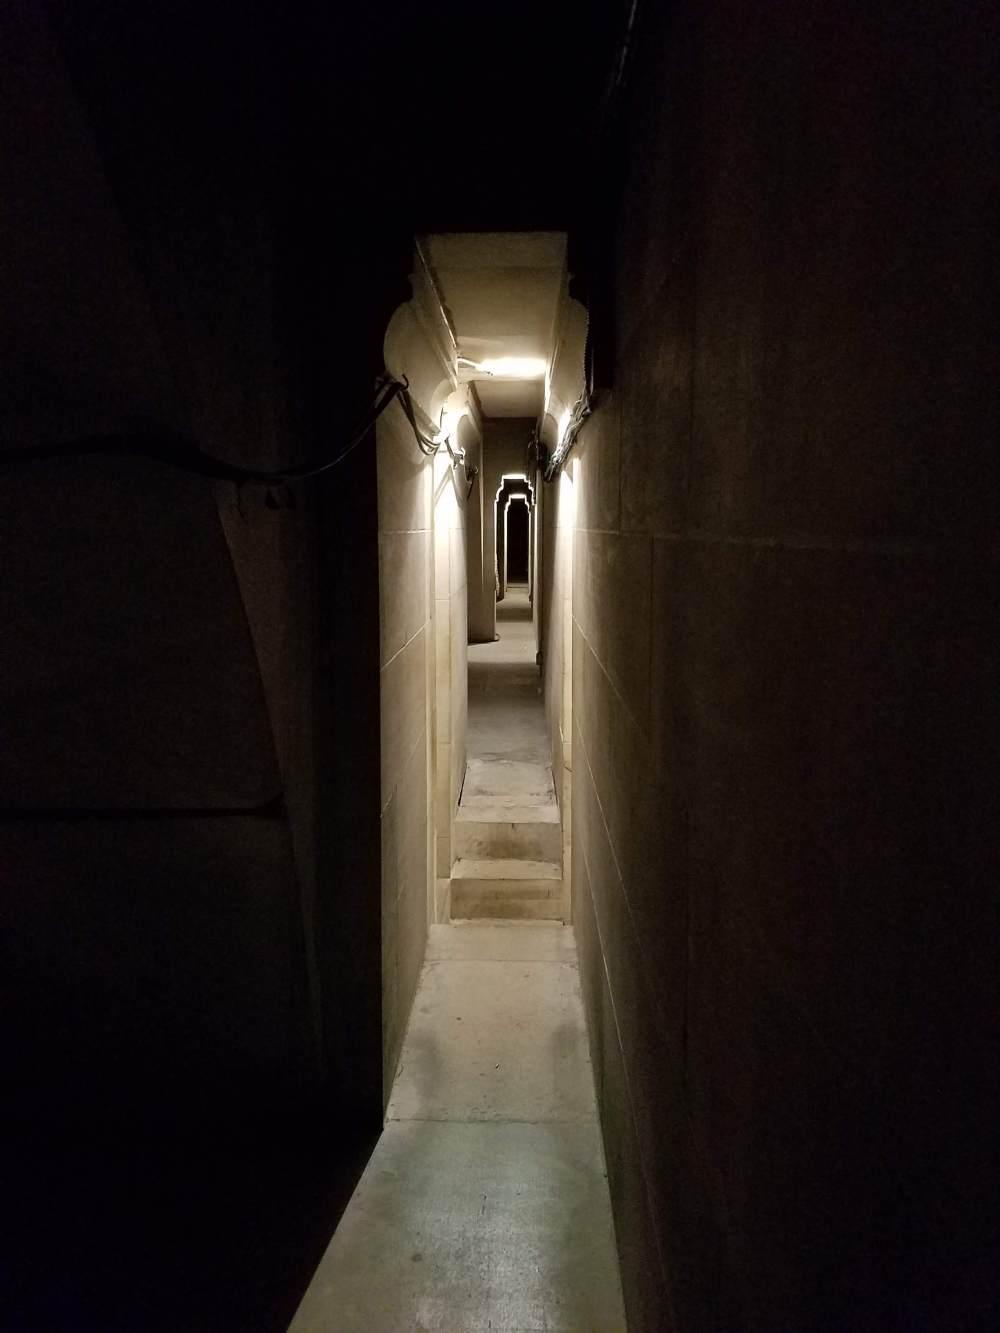 St. John the Divine Triforium Hallway